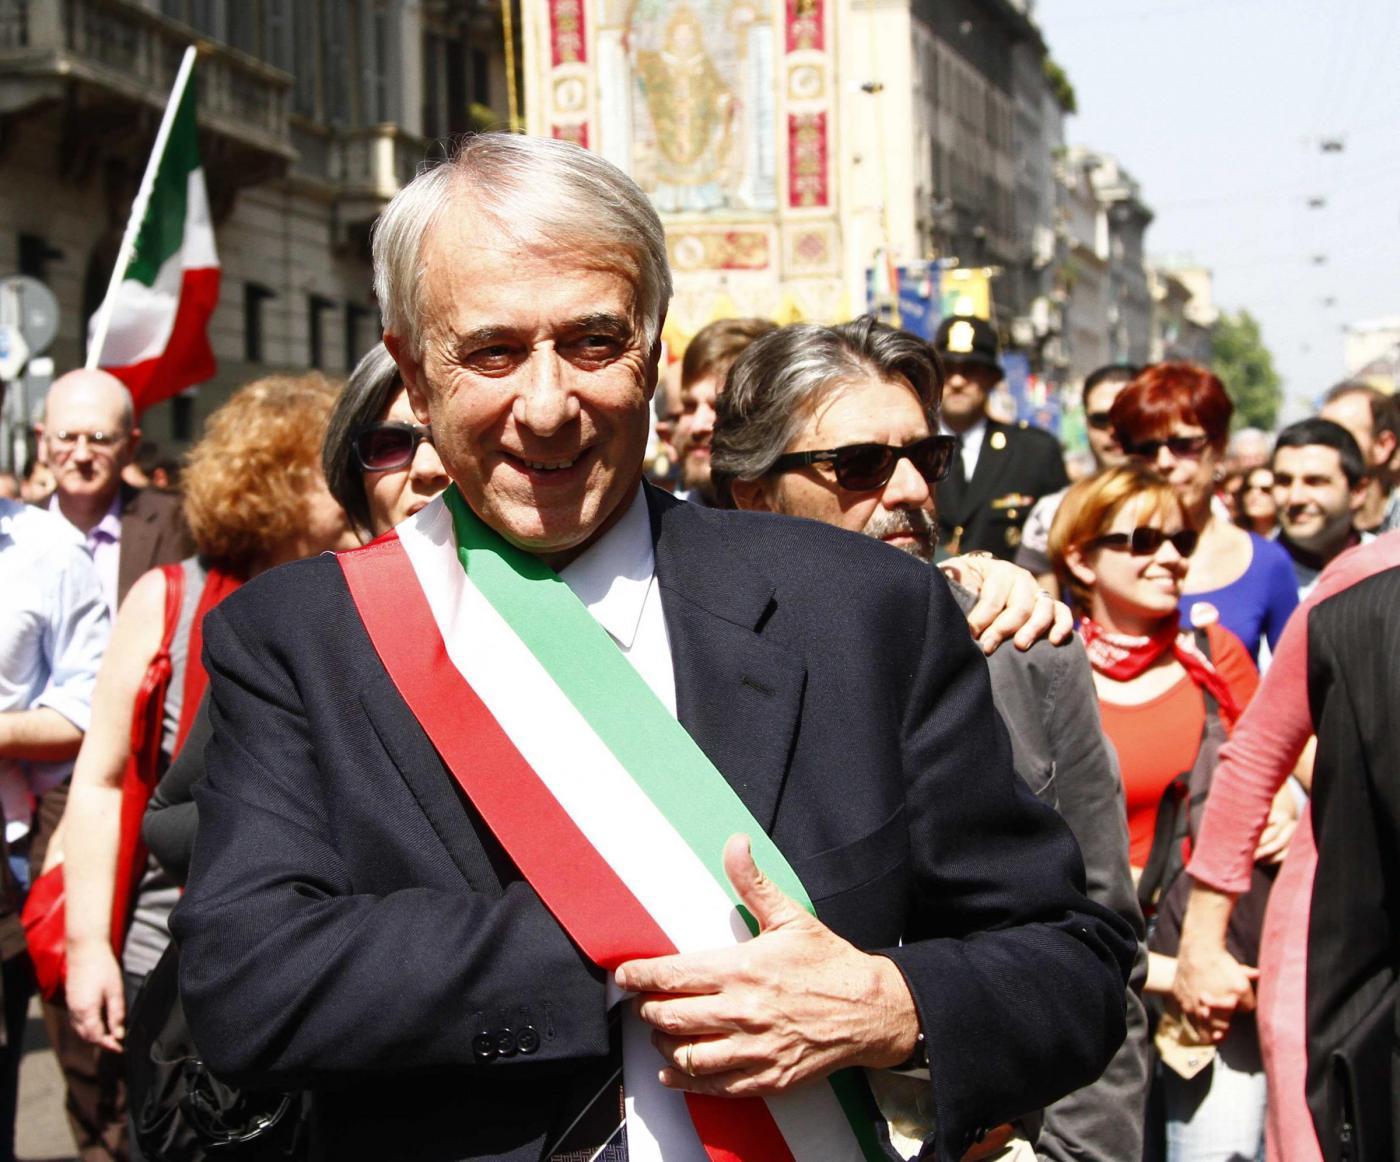 Festa della Liberazione a Milano,la manifestazione e i comizi in Piazza Duomo